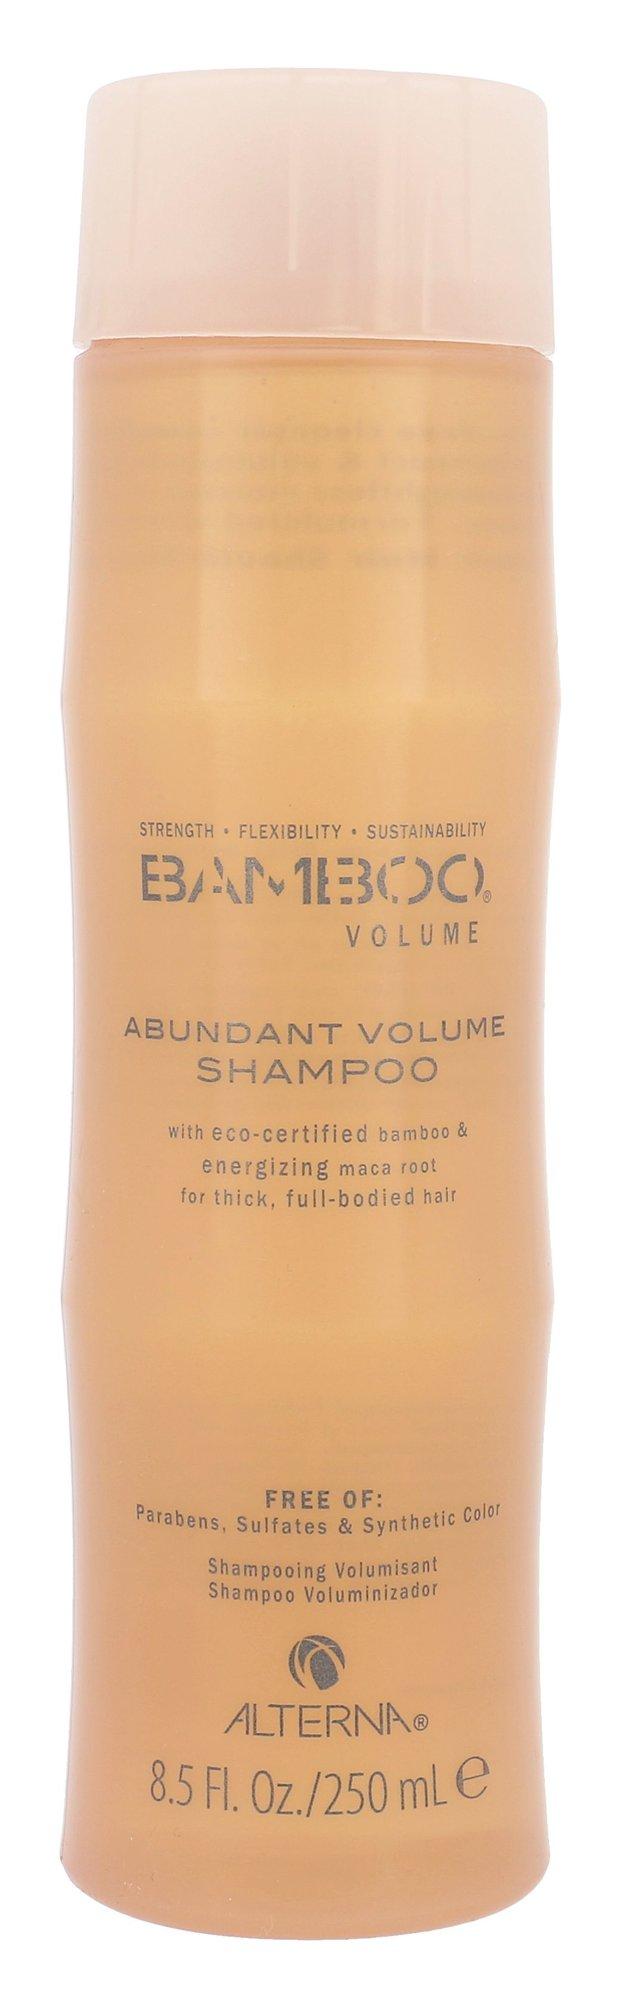 Šampūnas Alterna Bamboo Volume